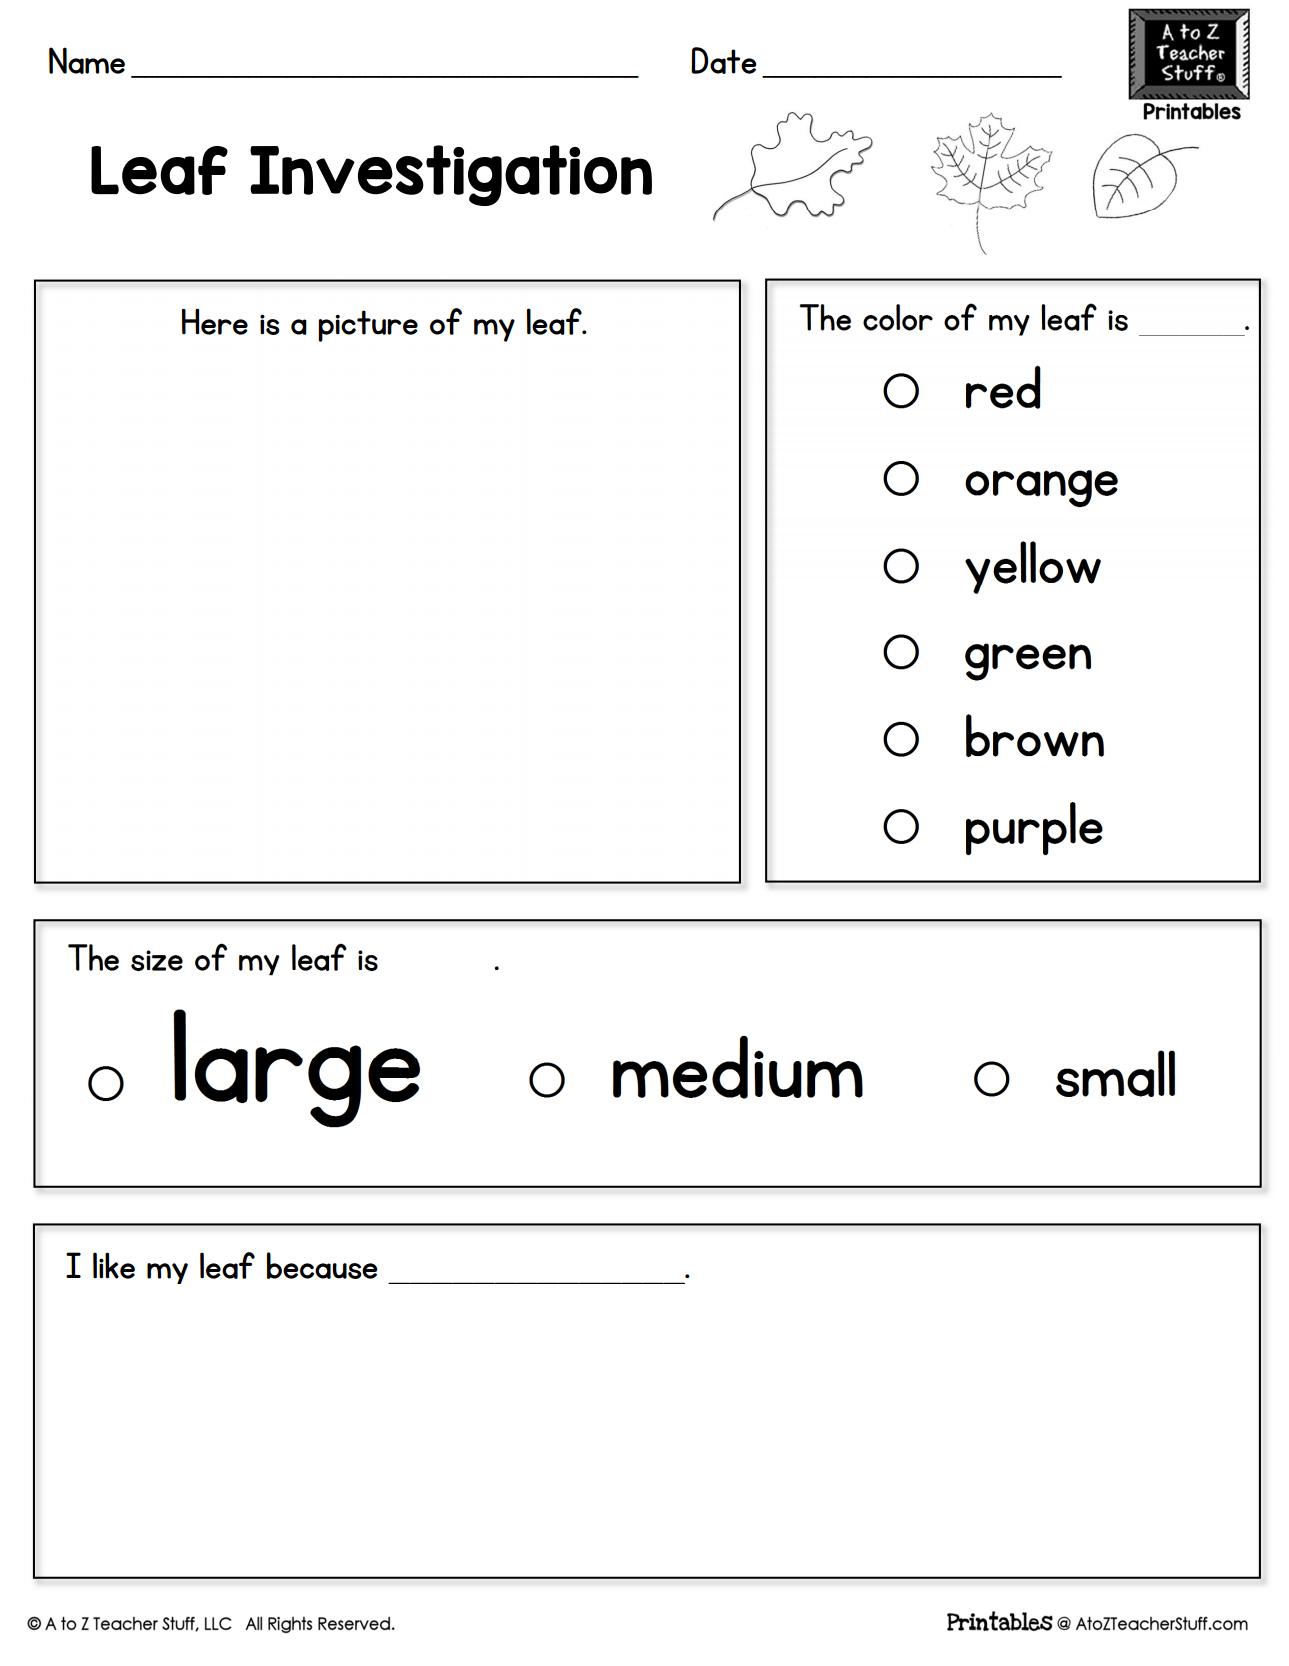 Leaf Investigation Printable Worksheet